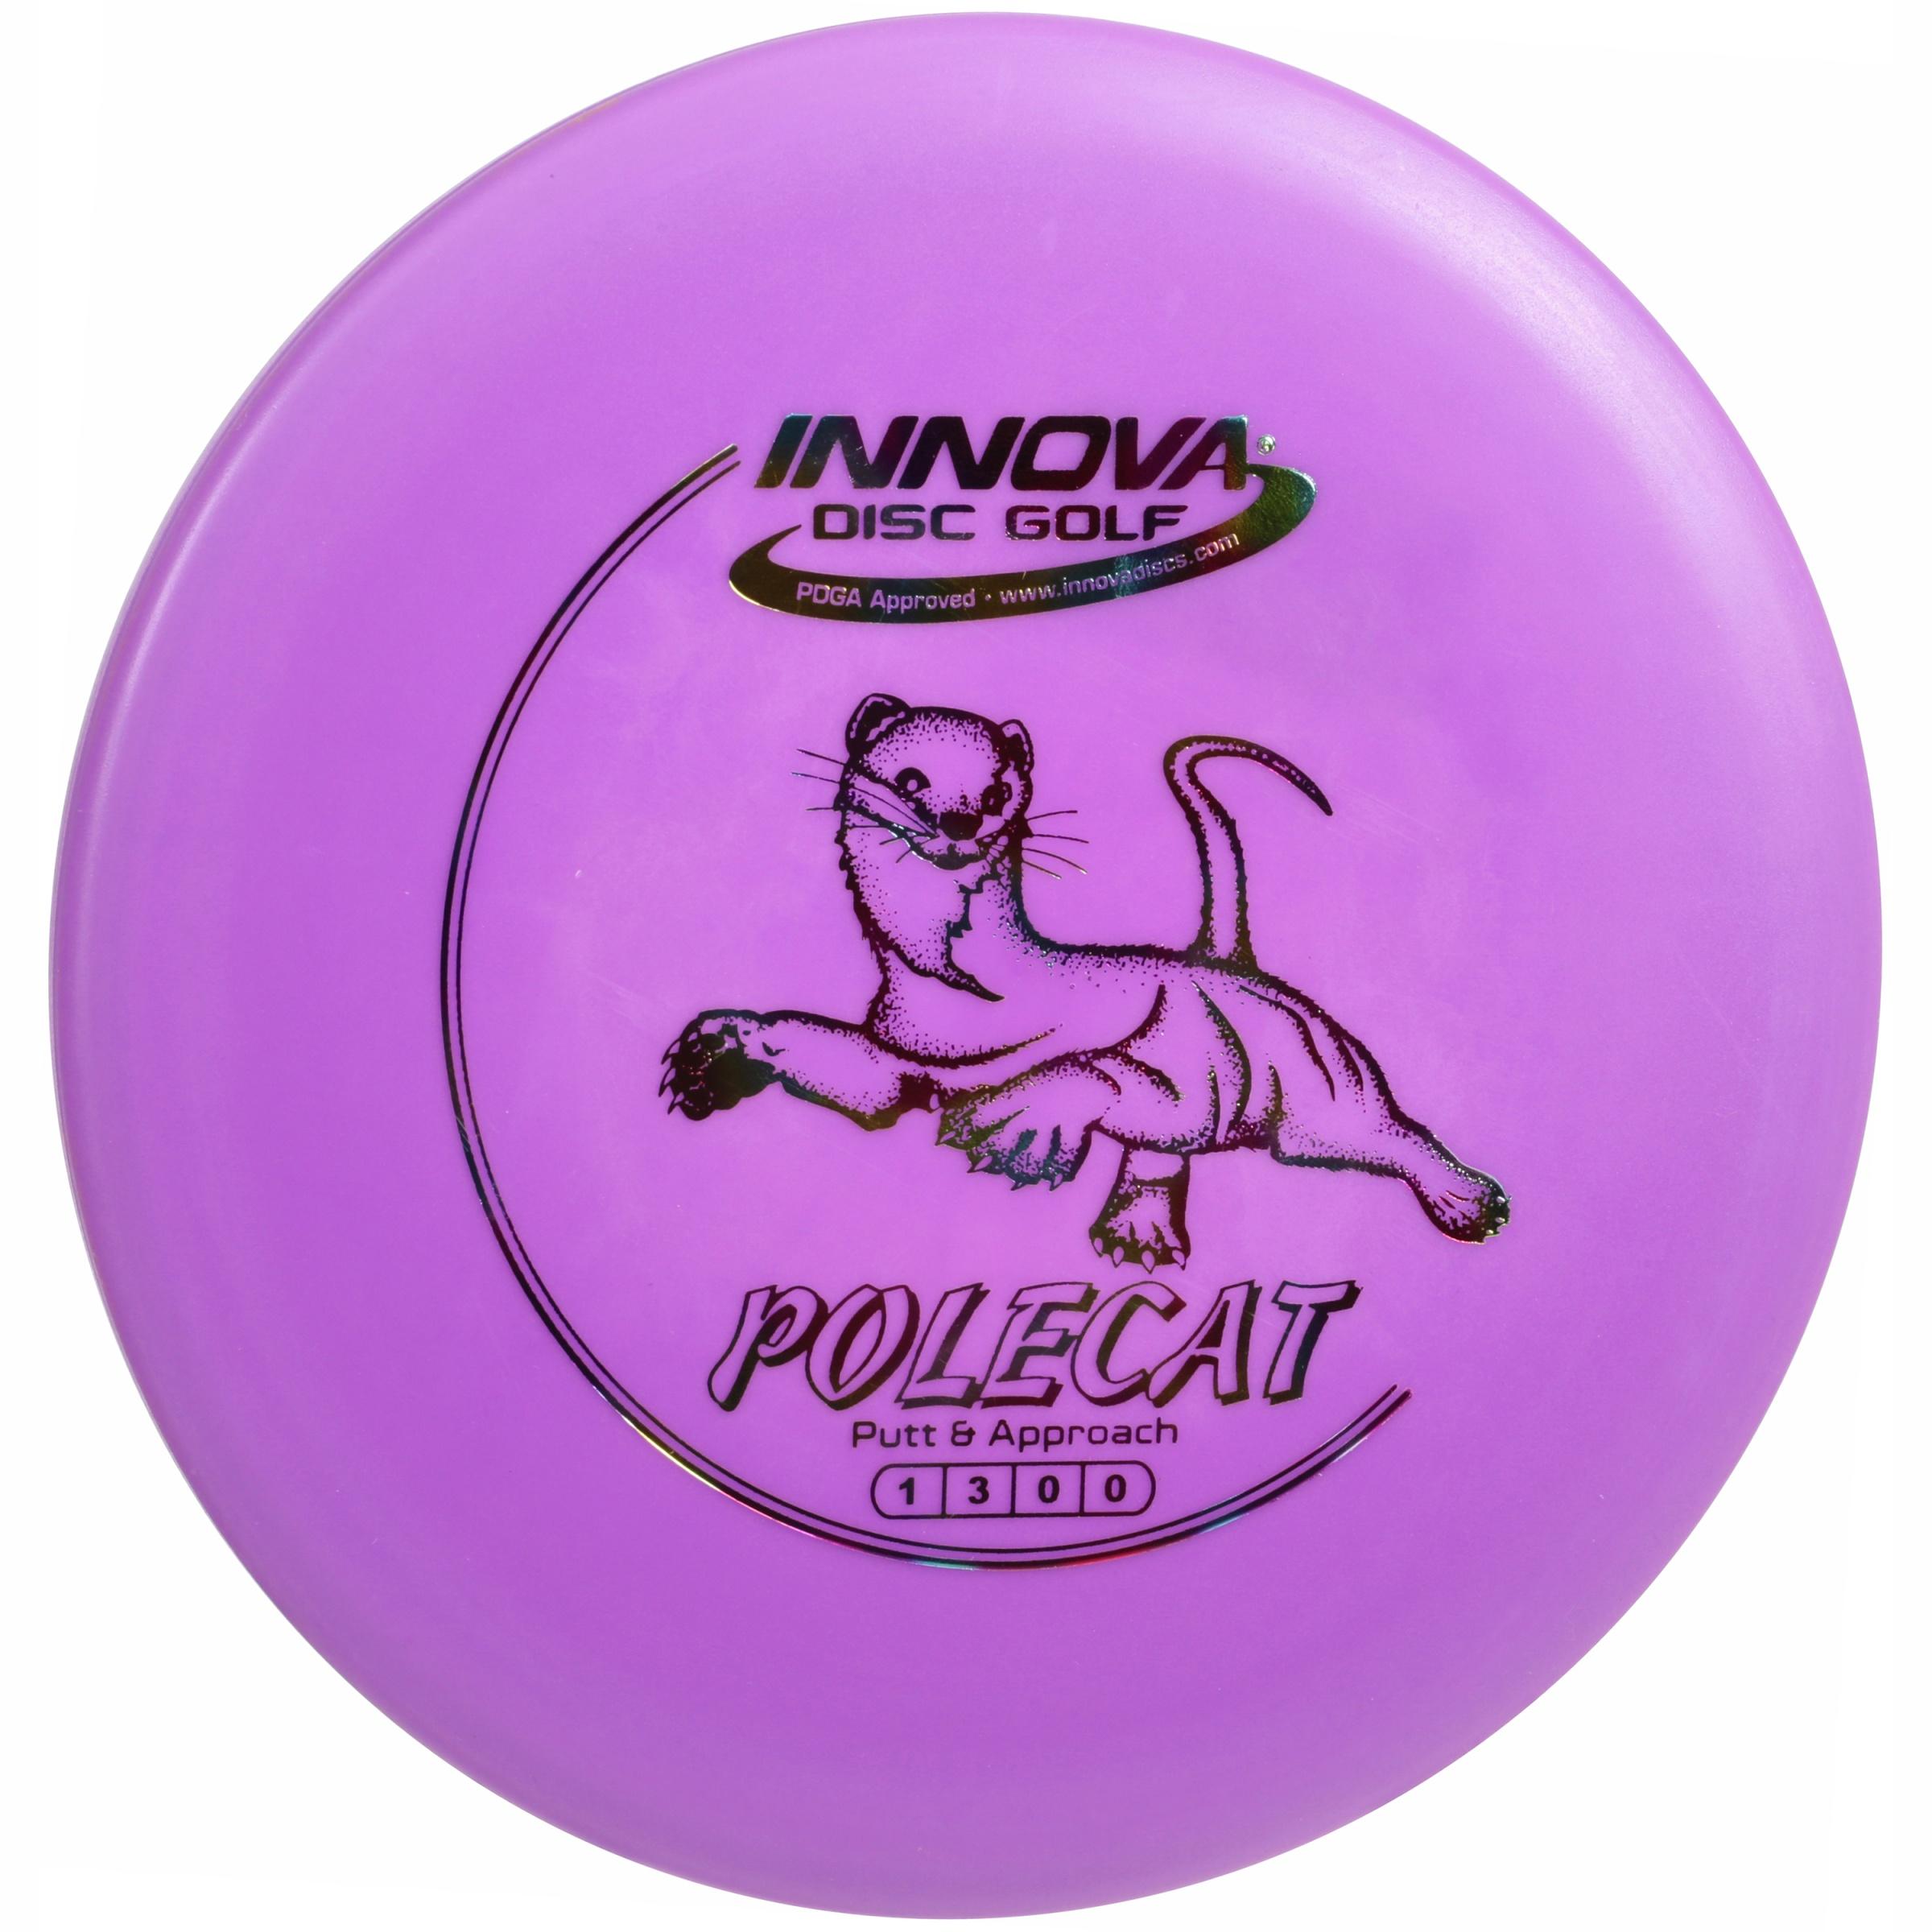 Innova® Disc Golf Polecat Putt & Approach